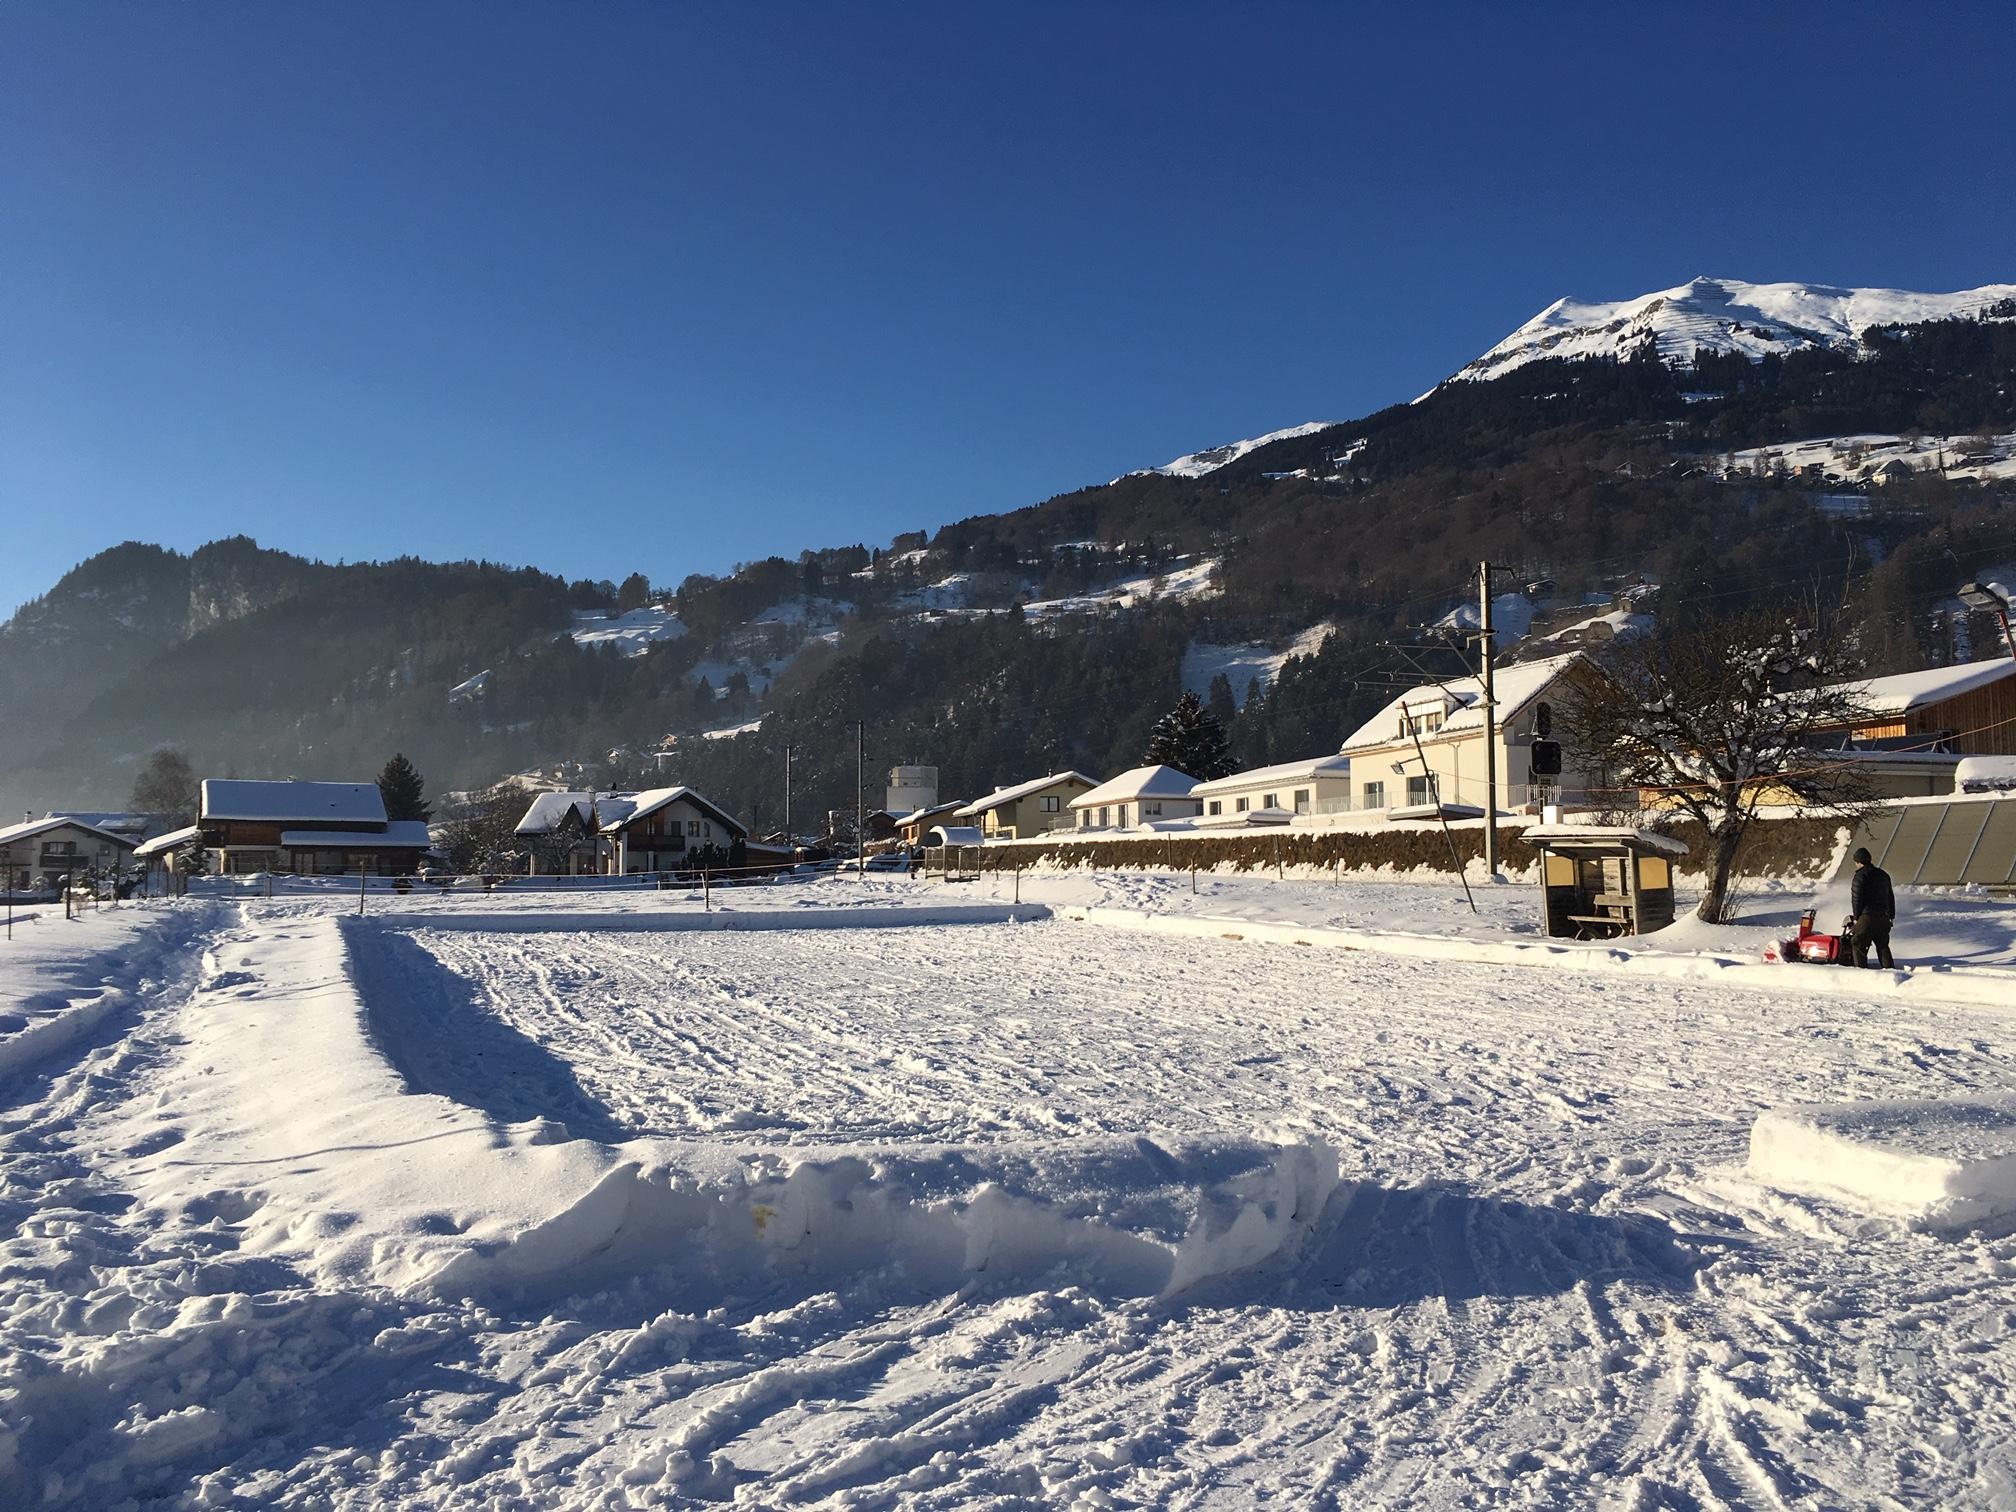 Cooles Winterfeeeling